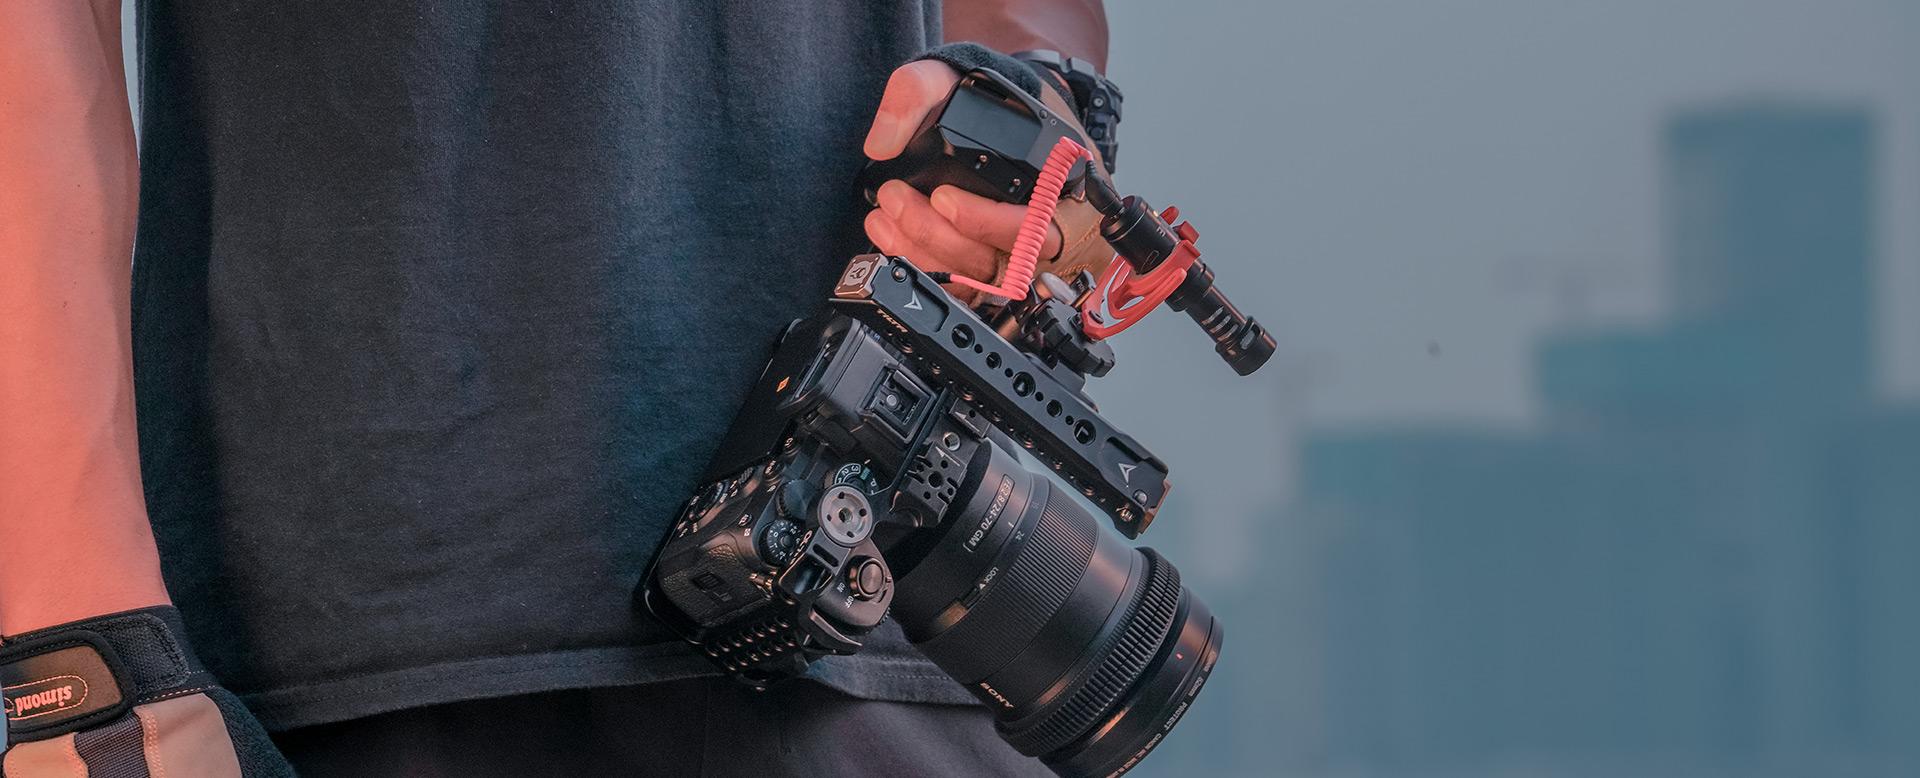 Tiltaing Left Side Advanced Focus Handle